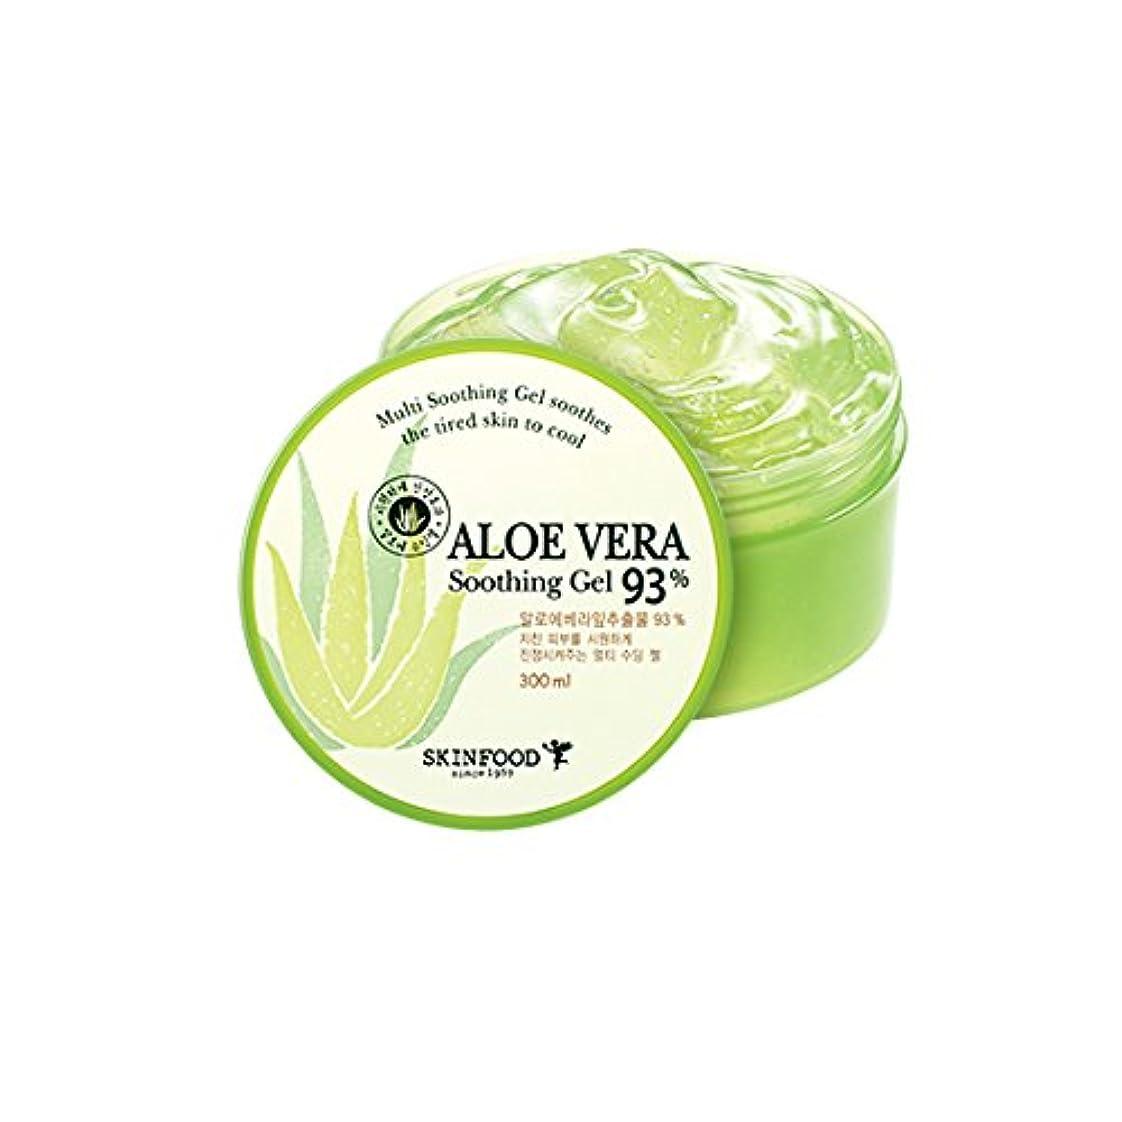 肌寒い消費仮定するSkinfood アロエベラ93%スージングジェル/Aloe Vera 93% Soothing Gel 300ml [並行輸入品]